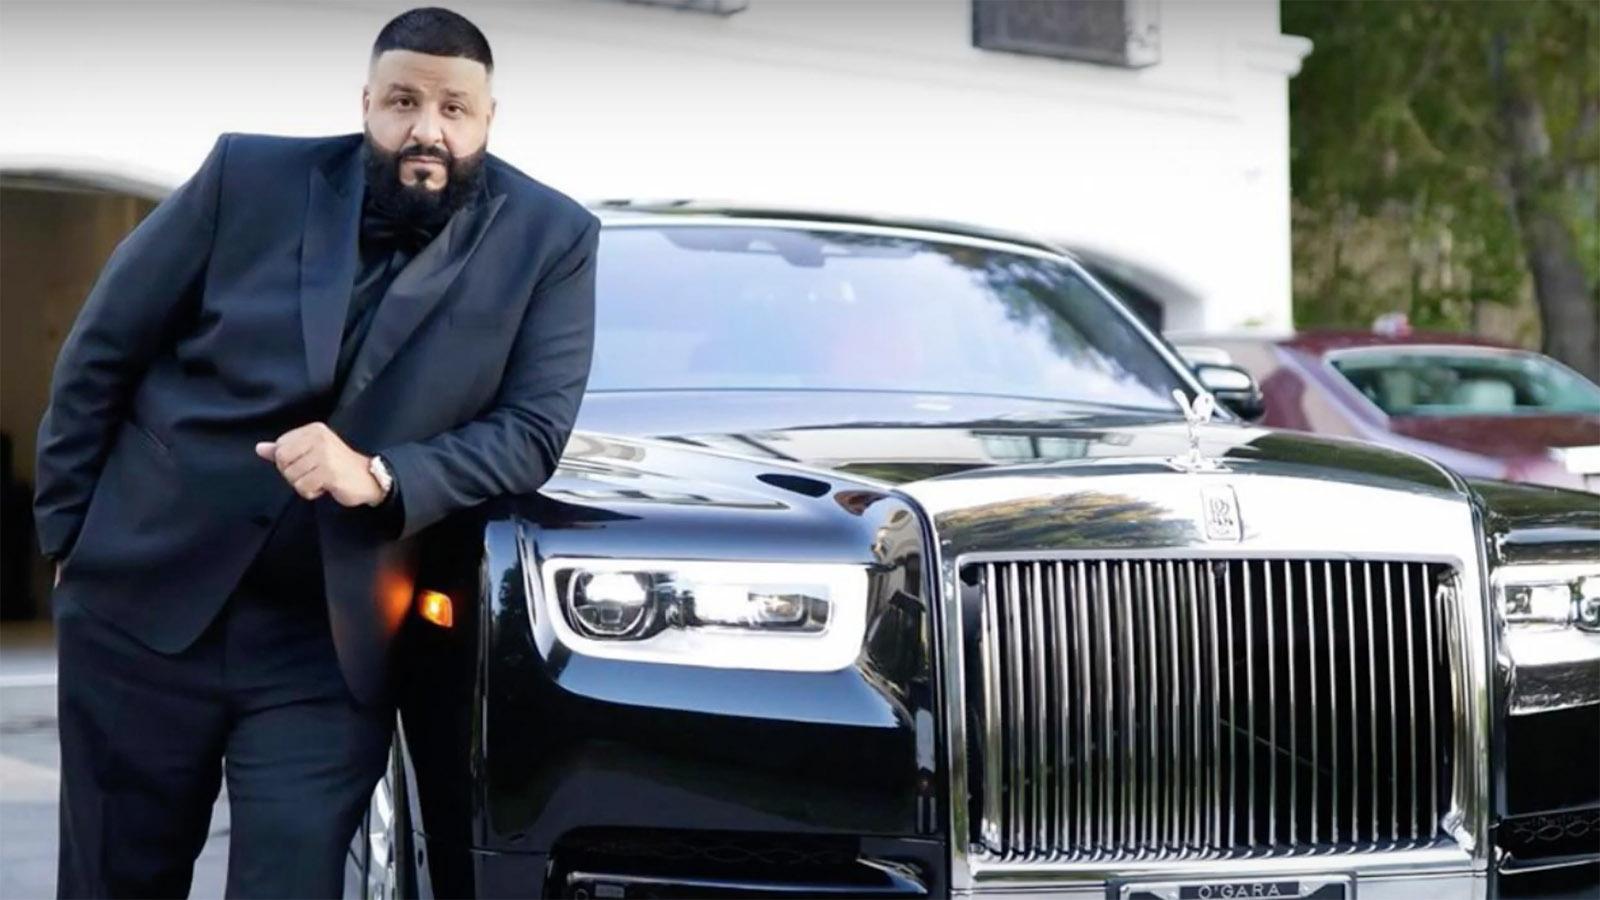 DJ Khaled with Rolls Royce